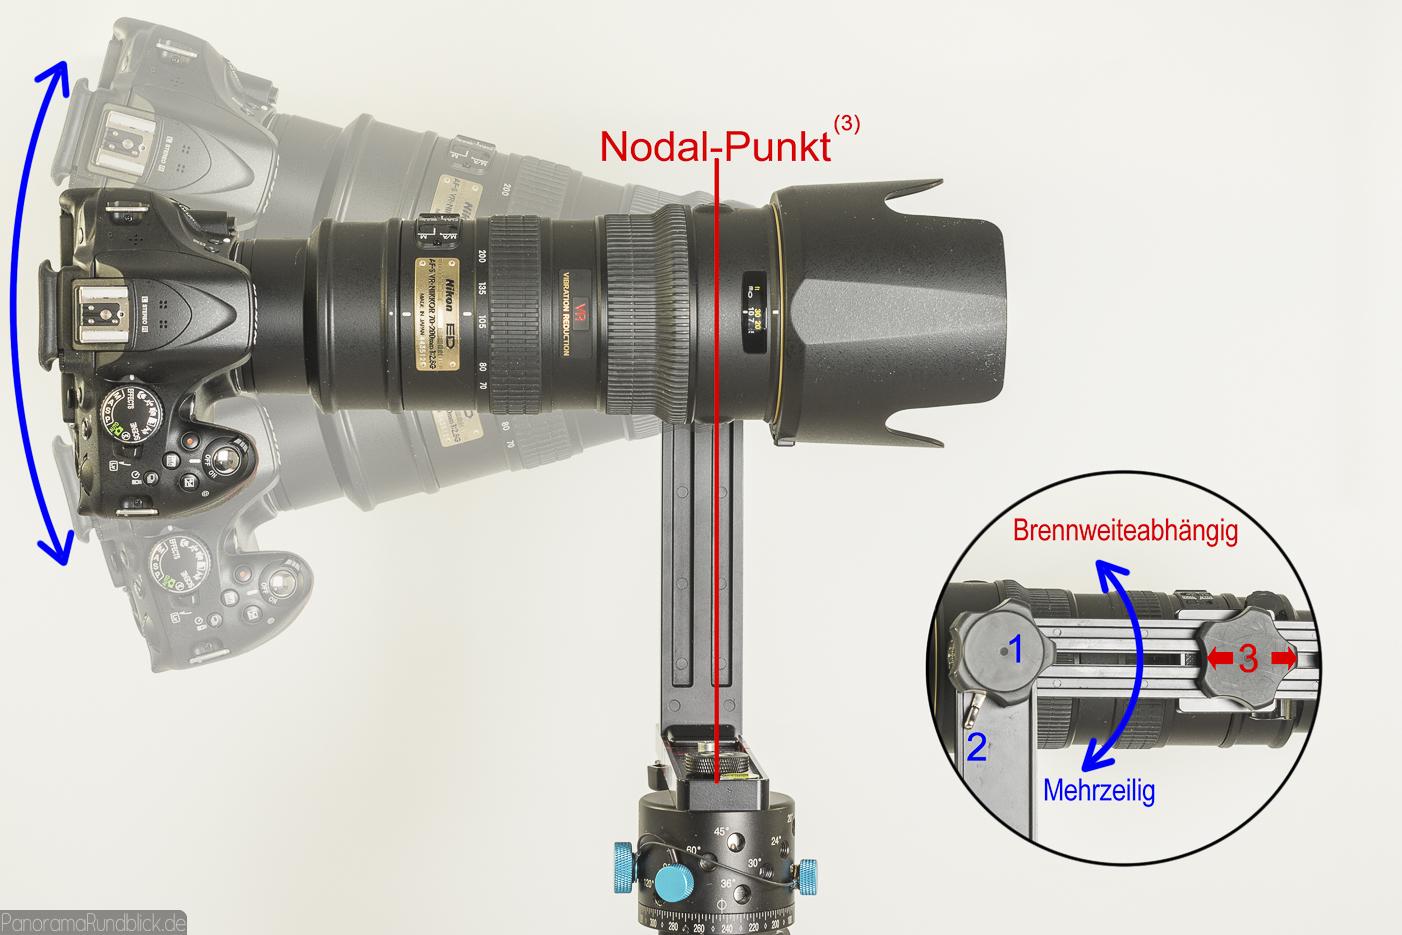 """Nodal Ninja 5 (""""5″ nicht mehr im Programm. Alternativ: Ultimate M1-S verfügt +/- 7.5° horizontalen Schritt-Teilung ). Mit nachgerüsteten Rotator R-D16 II. Nikon D5200 mit 70-200 mm Teleobjektiv"""